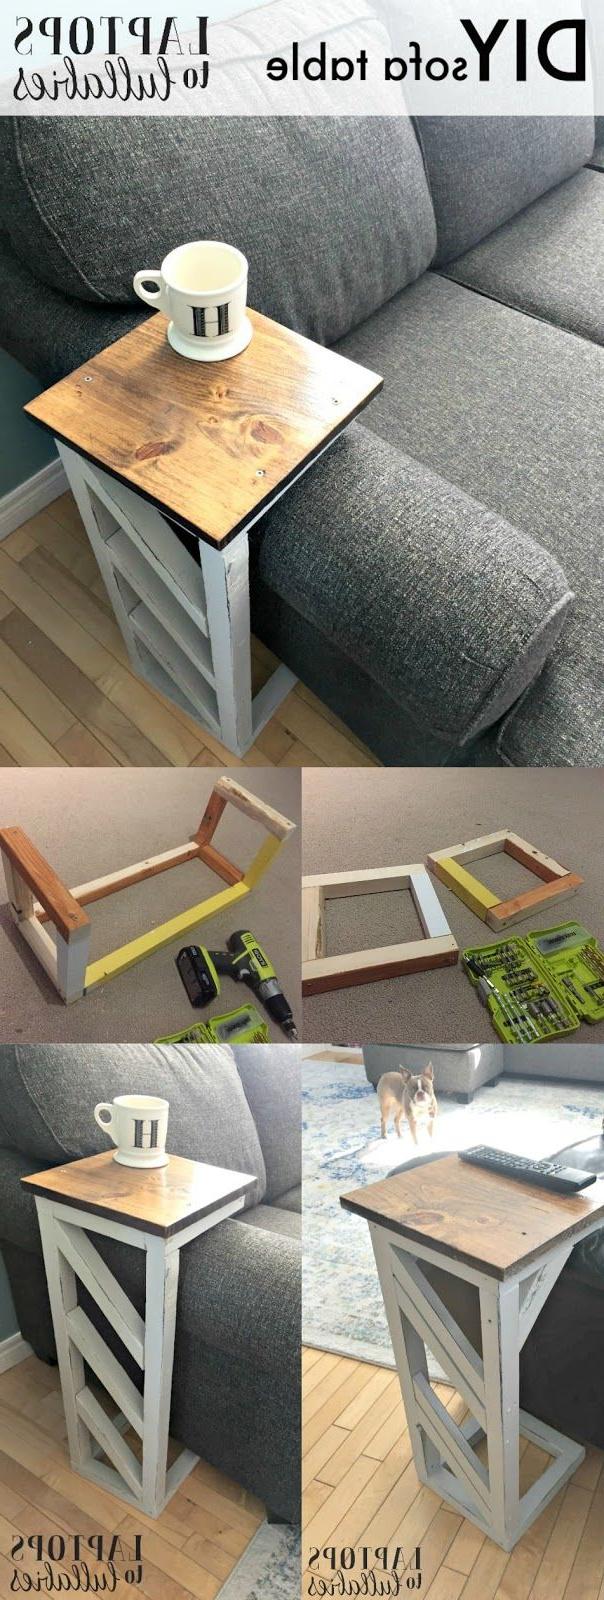 Patas Para Mesas Aki Xtd6 Laptops to Lullabies Easy Diy sofa Tables Miigwech Aki Cottage